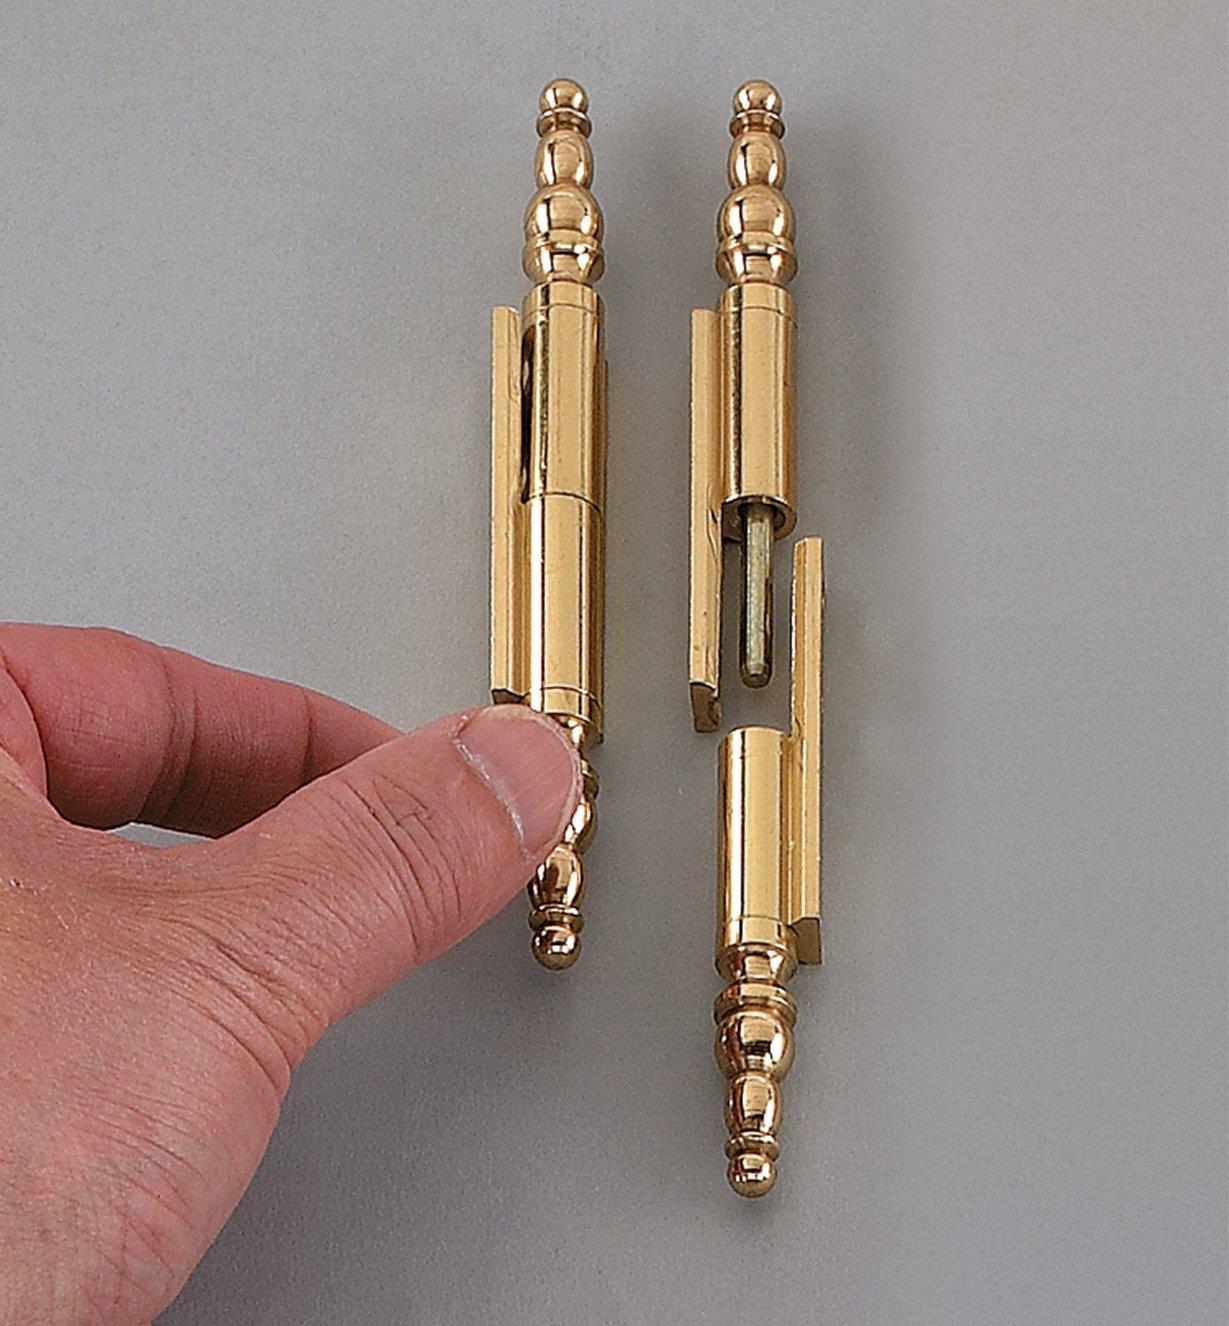 00F0101 - Paumelles extrudées pour porte de cabinet d'horloge, 2 po, la paire